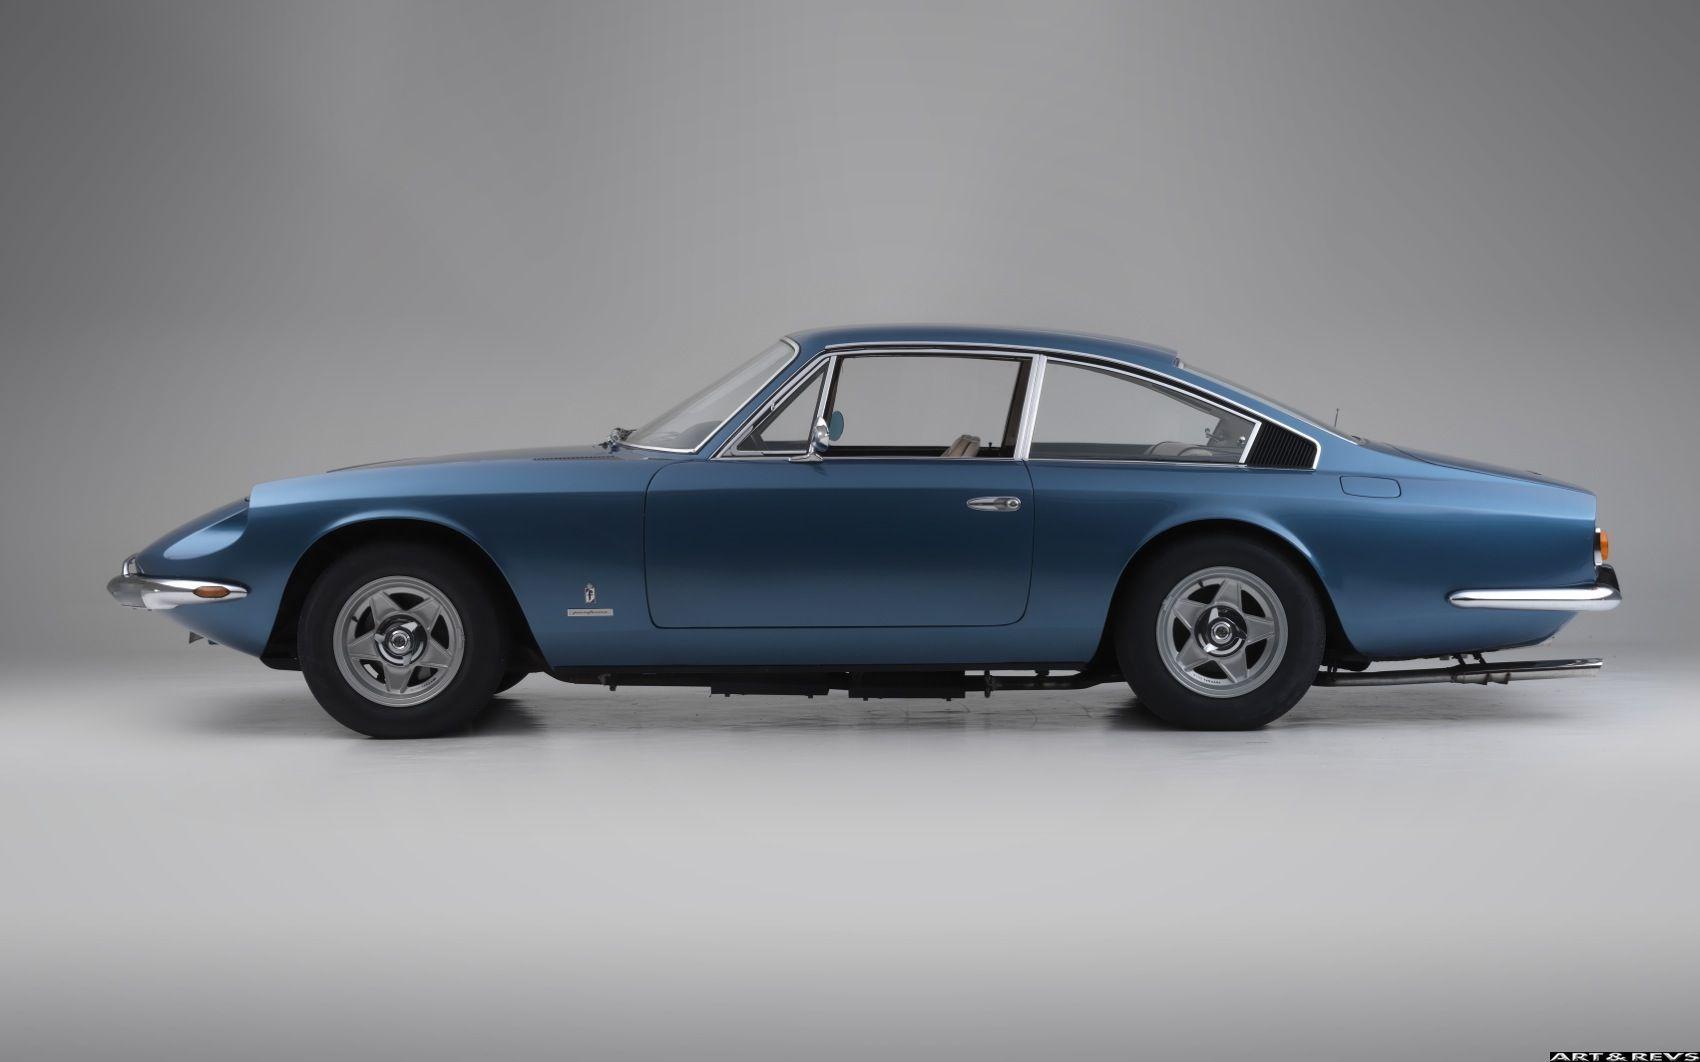 Ferrari 365 gt4 2 2 recherche google